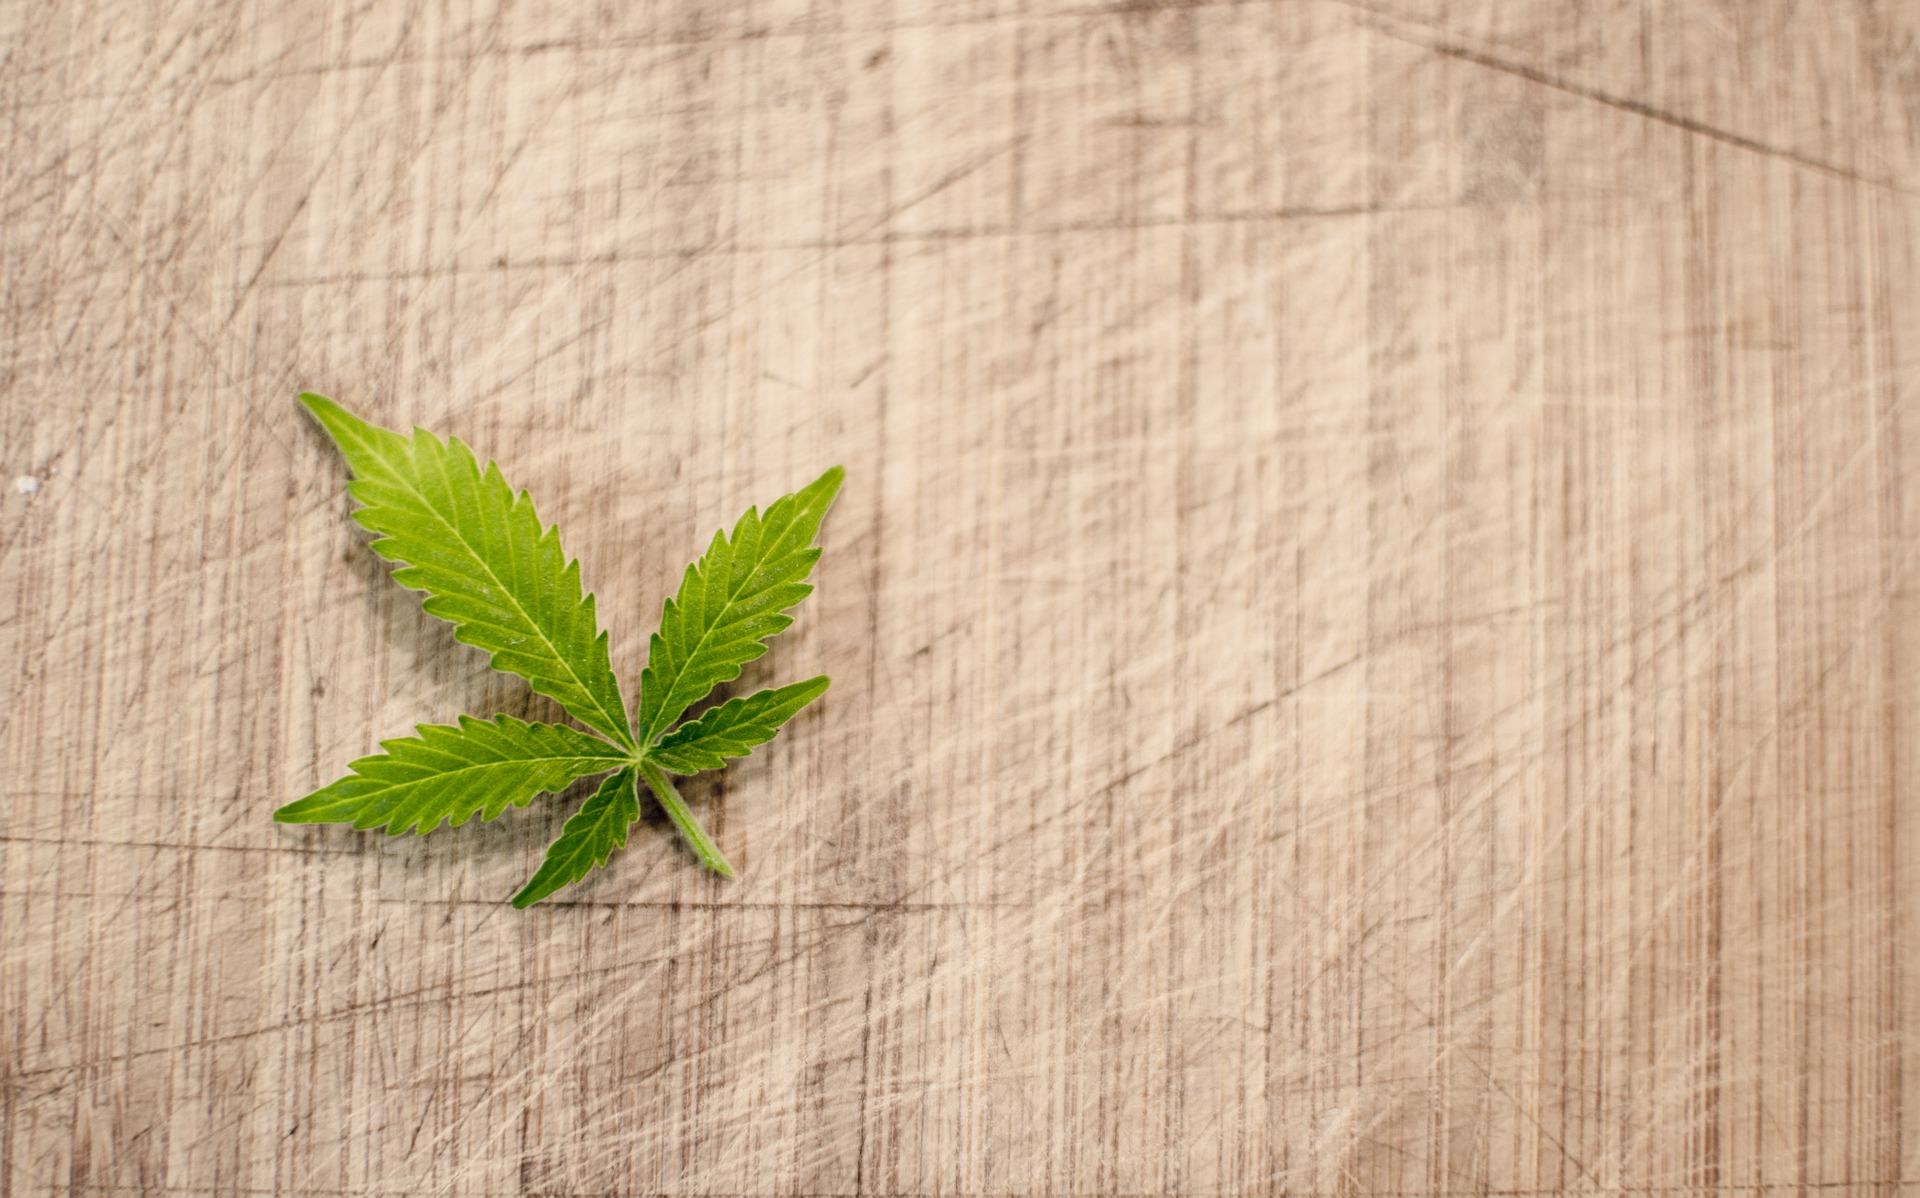 Cannabis terapeutica: l'appello dei pazienti al governo per un disatteso diritto alla salute